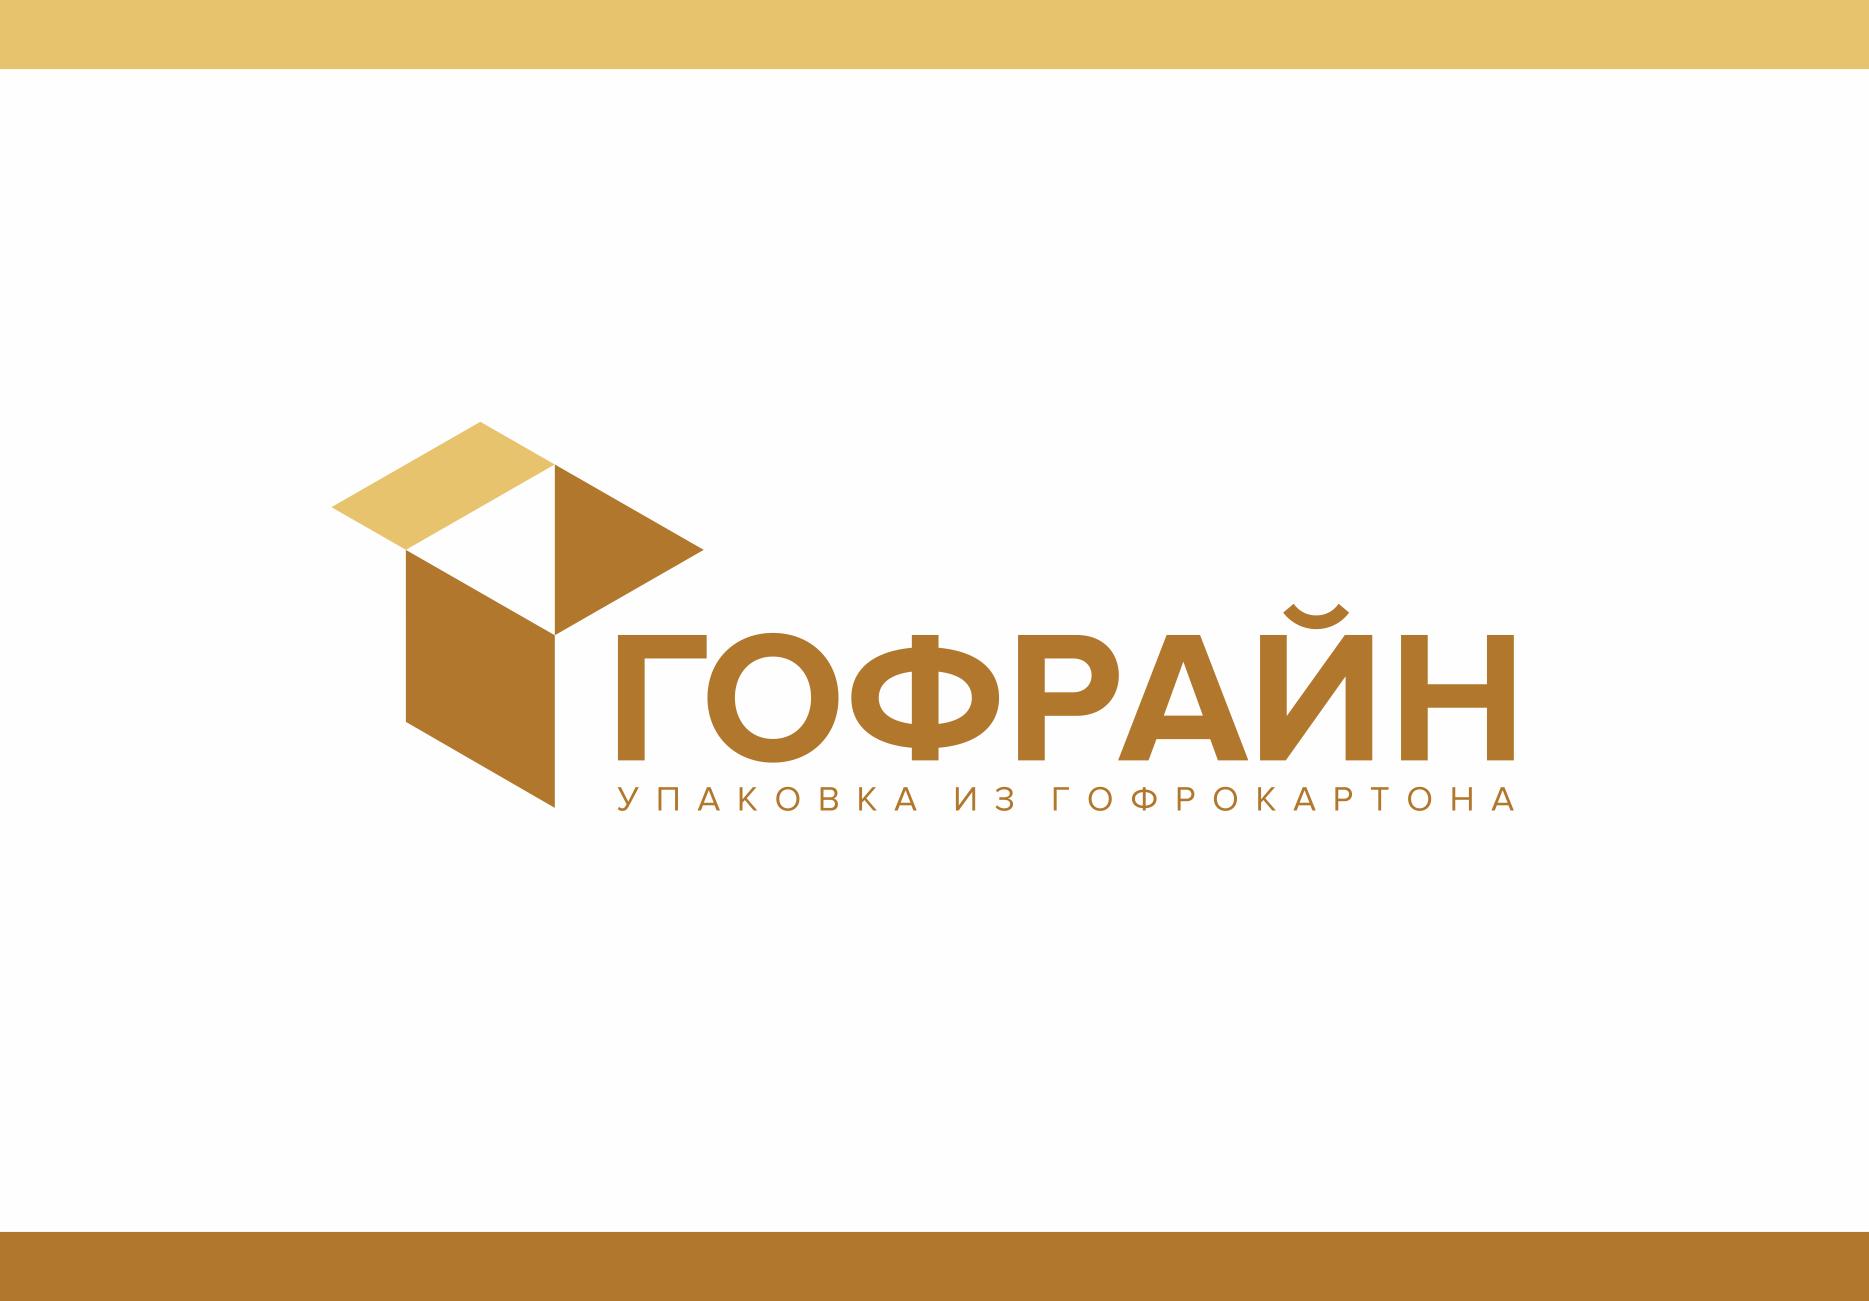 Логотип для компании по реализации упаковки из гофрокартона фото f_3465cdae8196f646.png